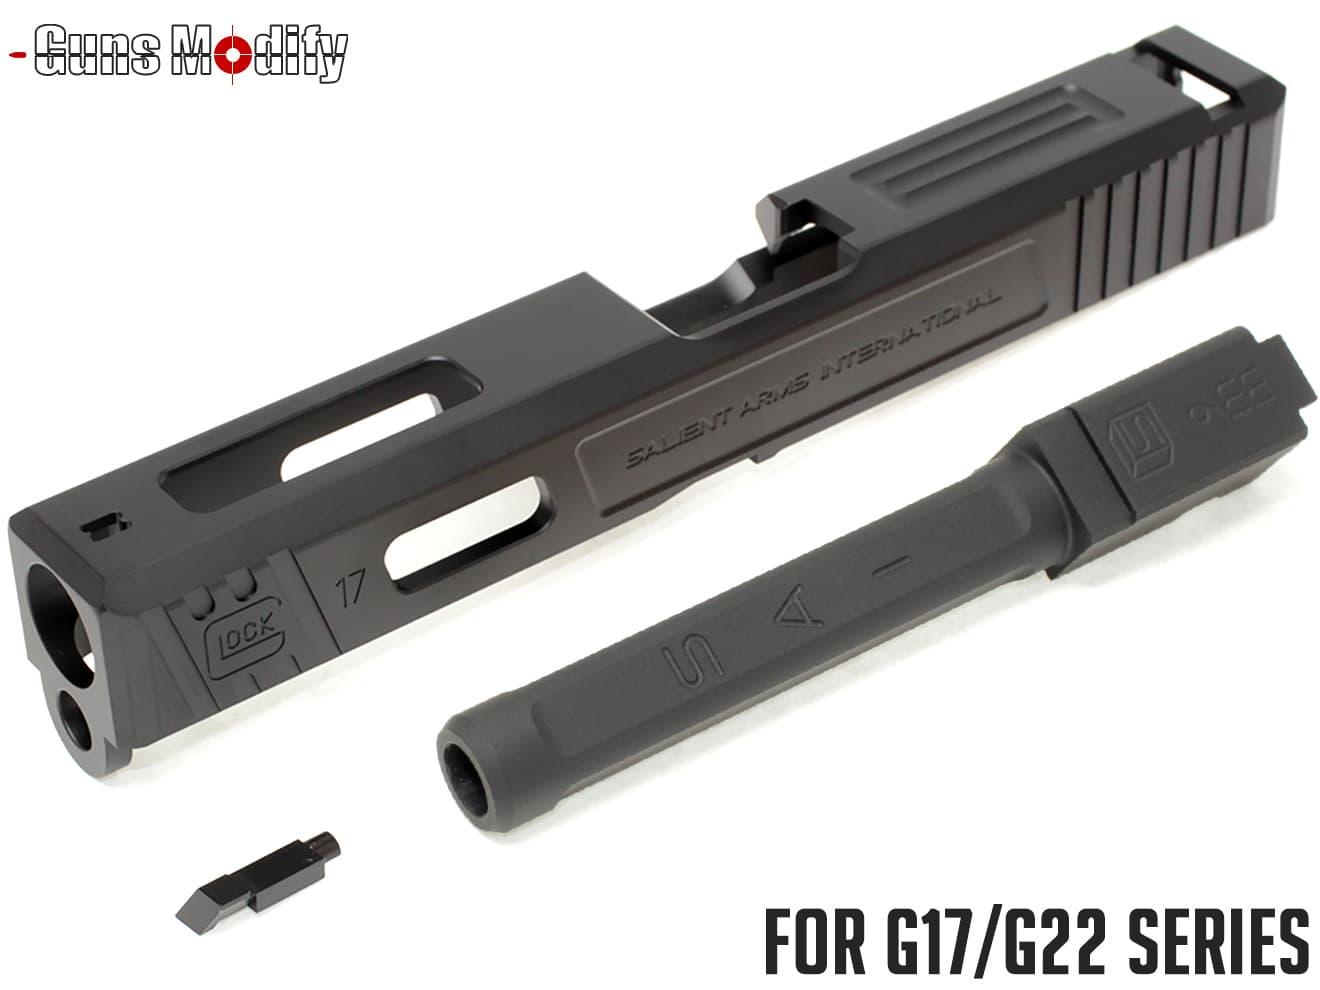 Guns Modify G17 SA CNC Tier 1 アルミスライド&ステンレス ボックスフルート アウターバレルセット◆G17 G22対応 TiCNコート済 SAIタイプ